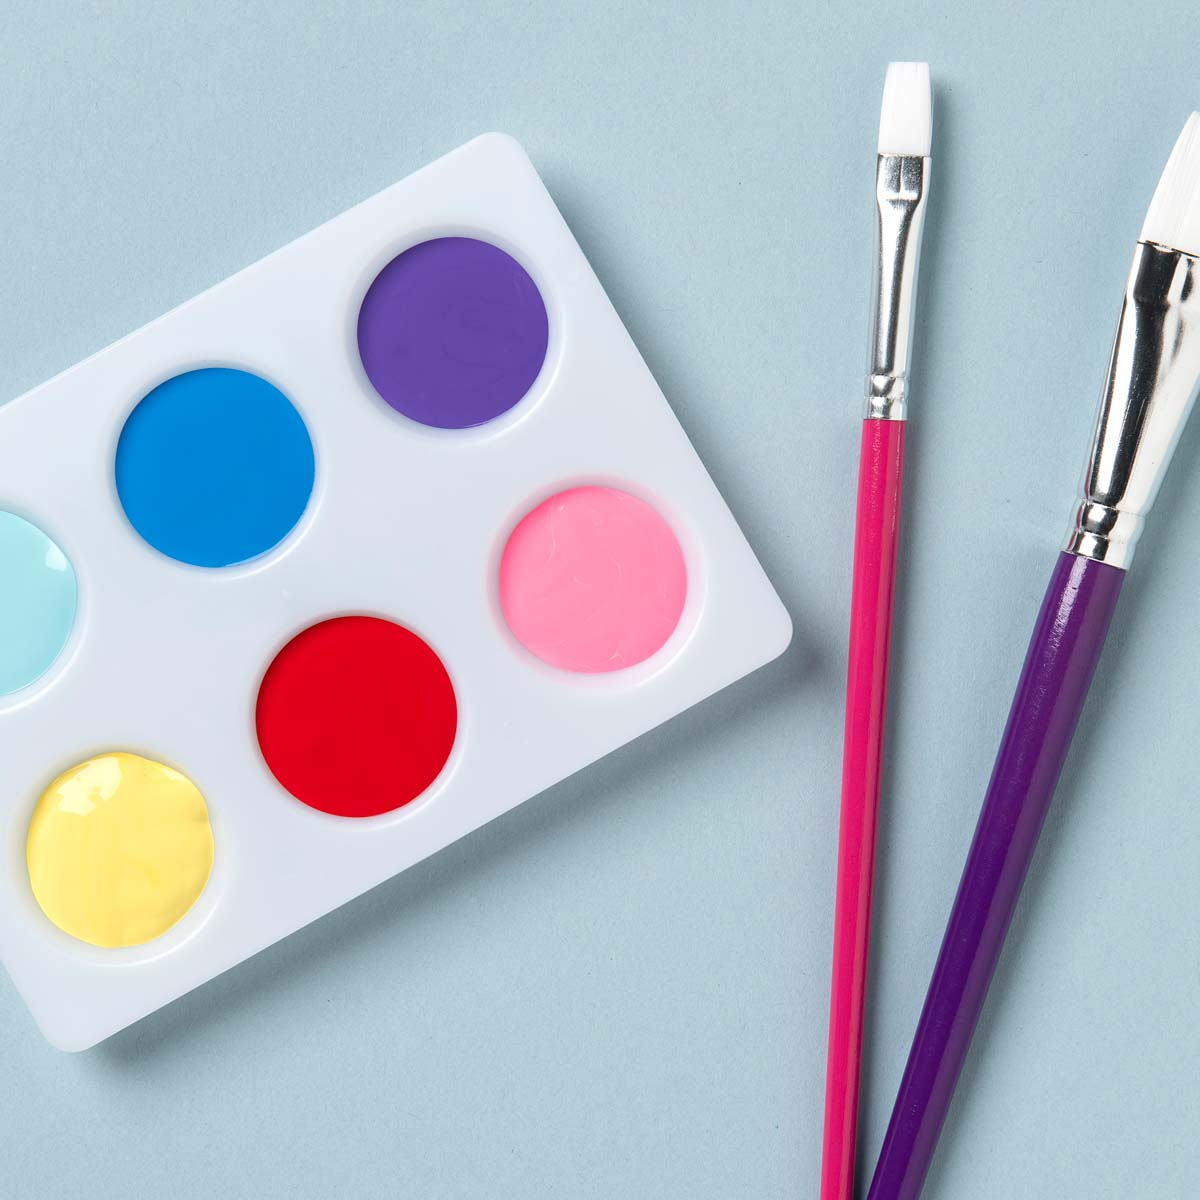 Delta Ceramcoat ® Paint Sets - Top Colors, 18 Colors - PROMOCMC1